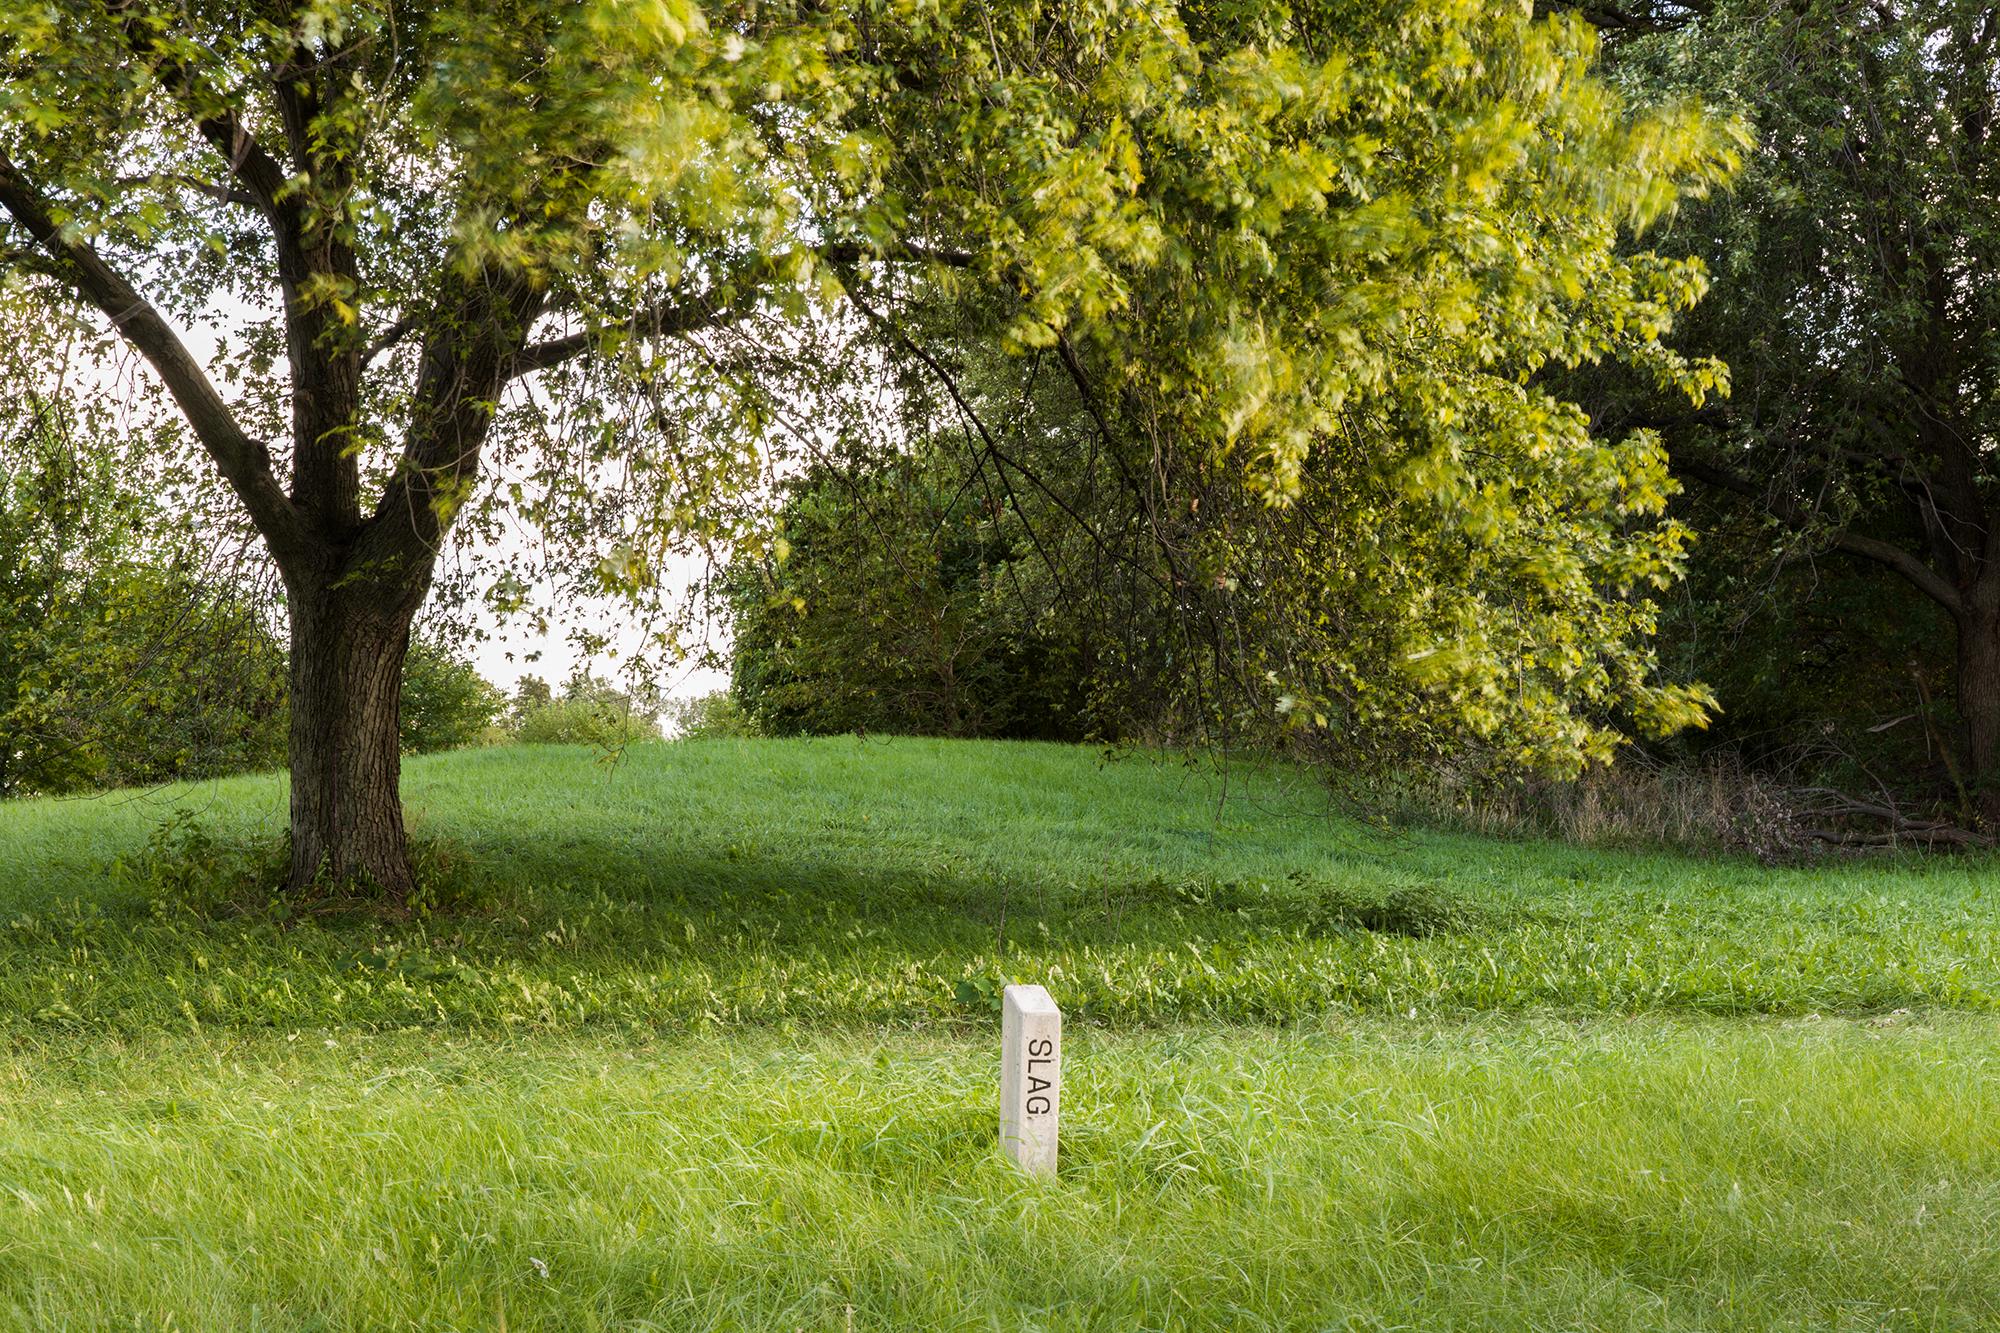 in situ slag marker